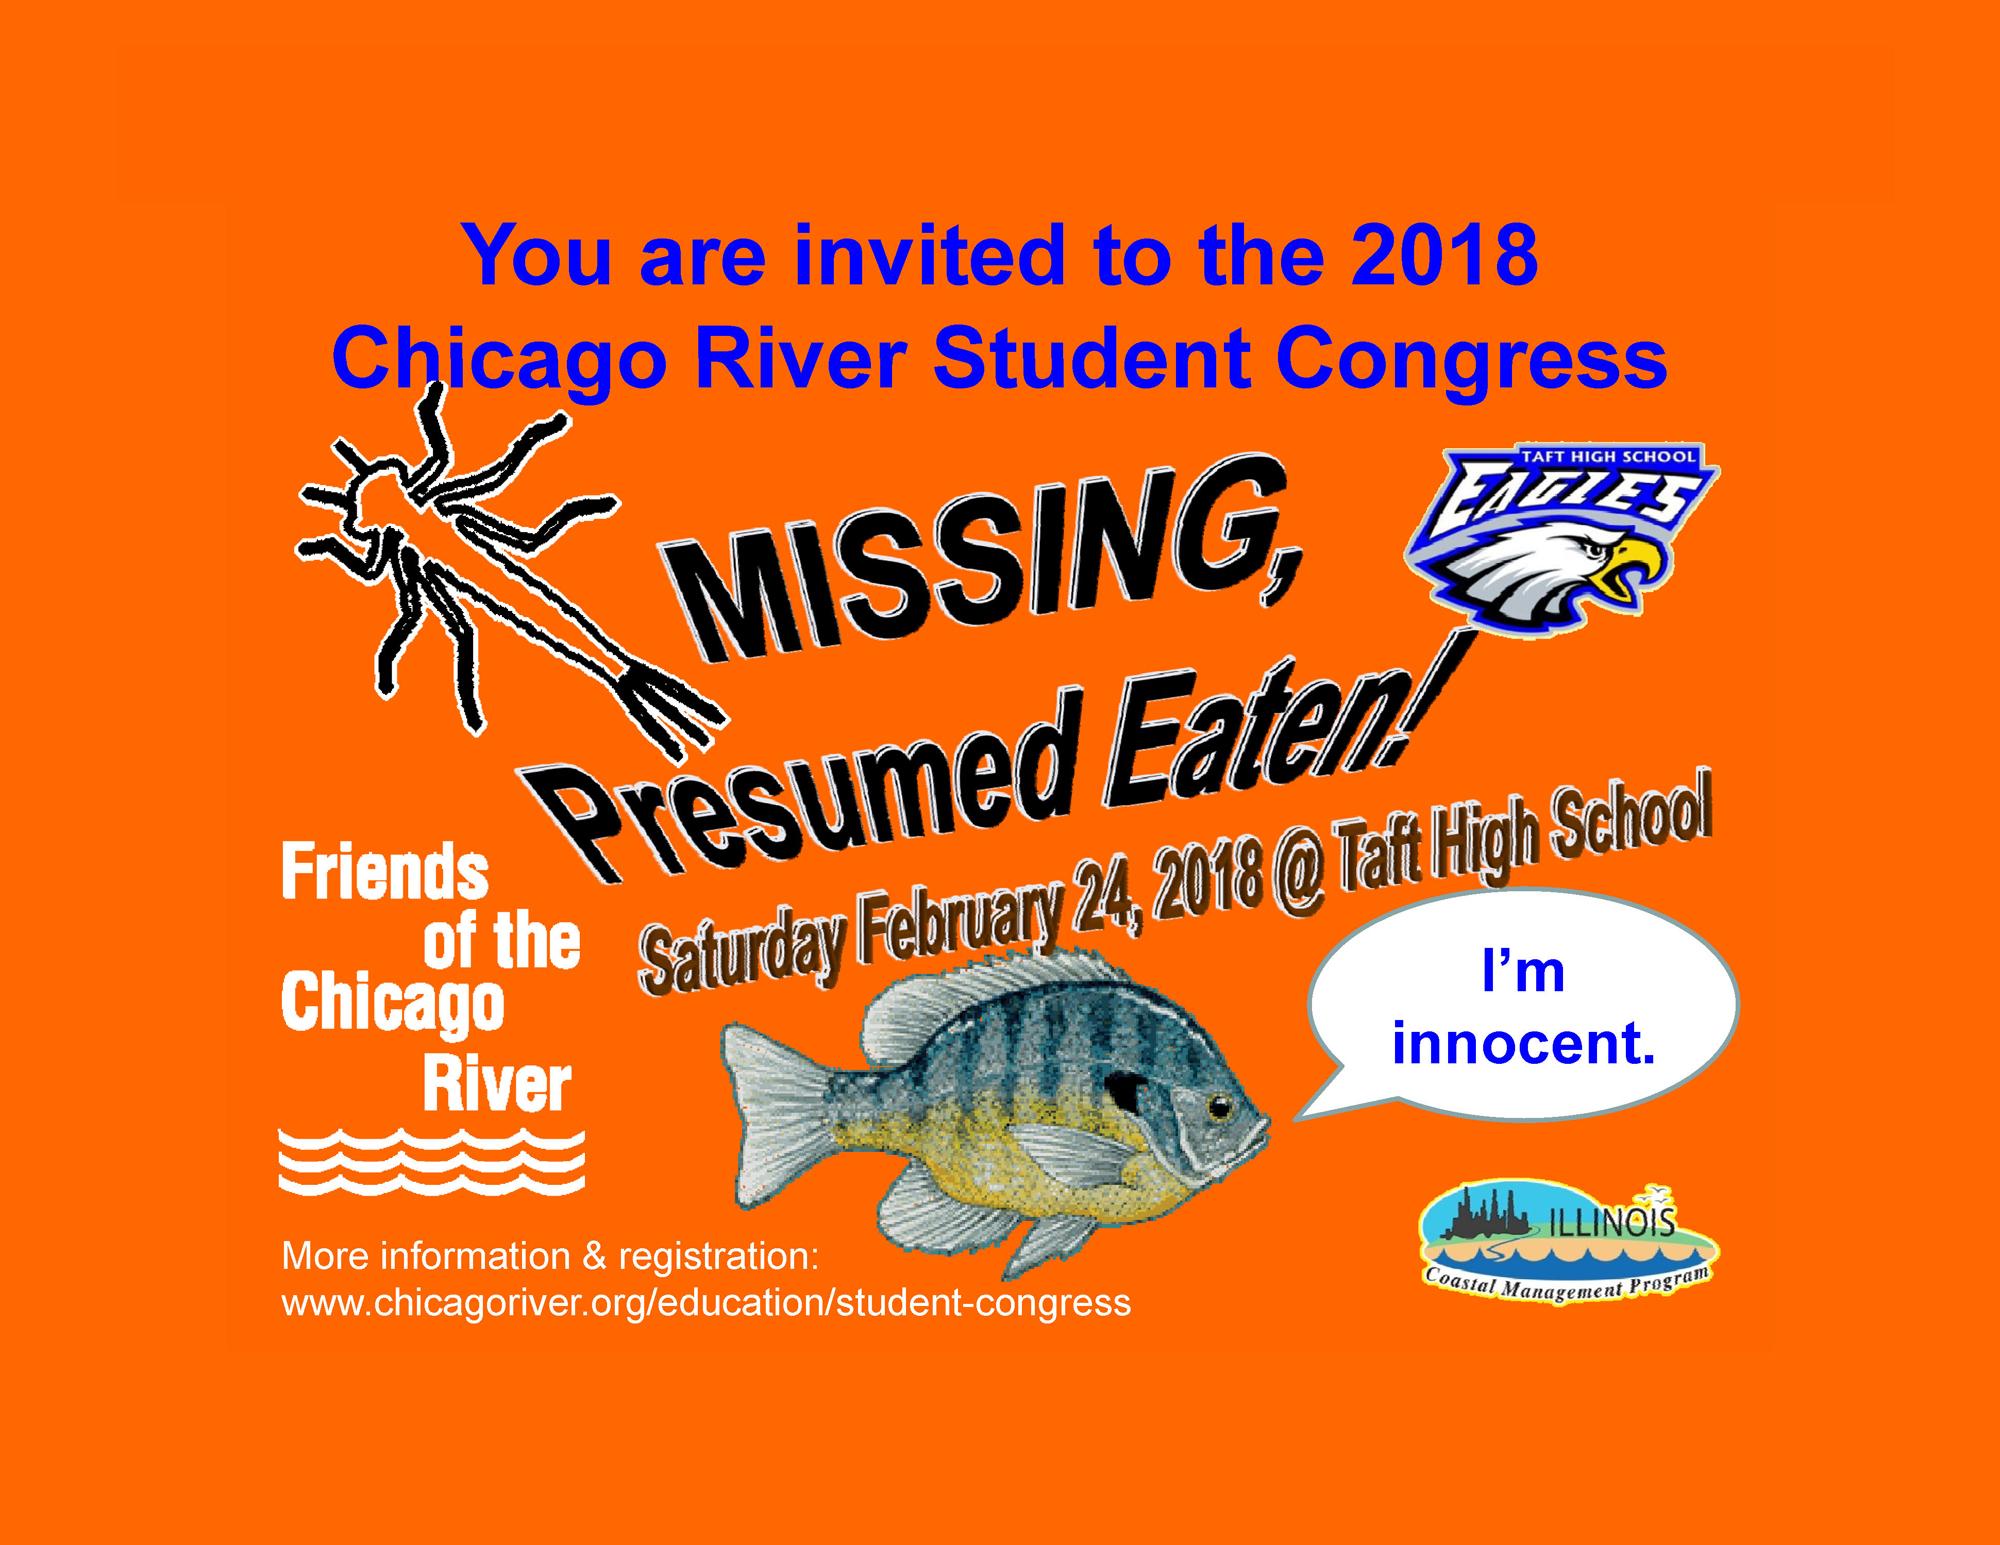 Missing__presumed_eaten